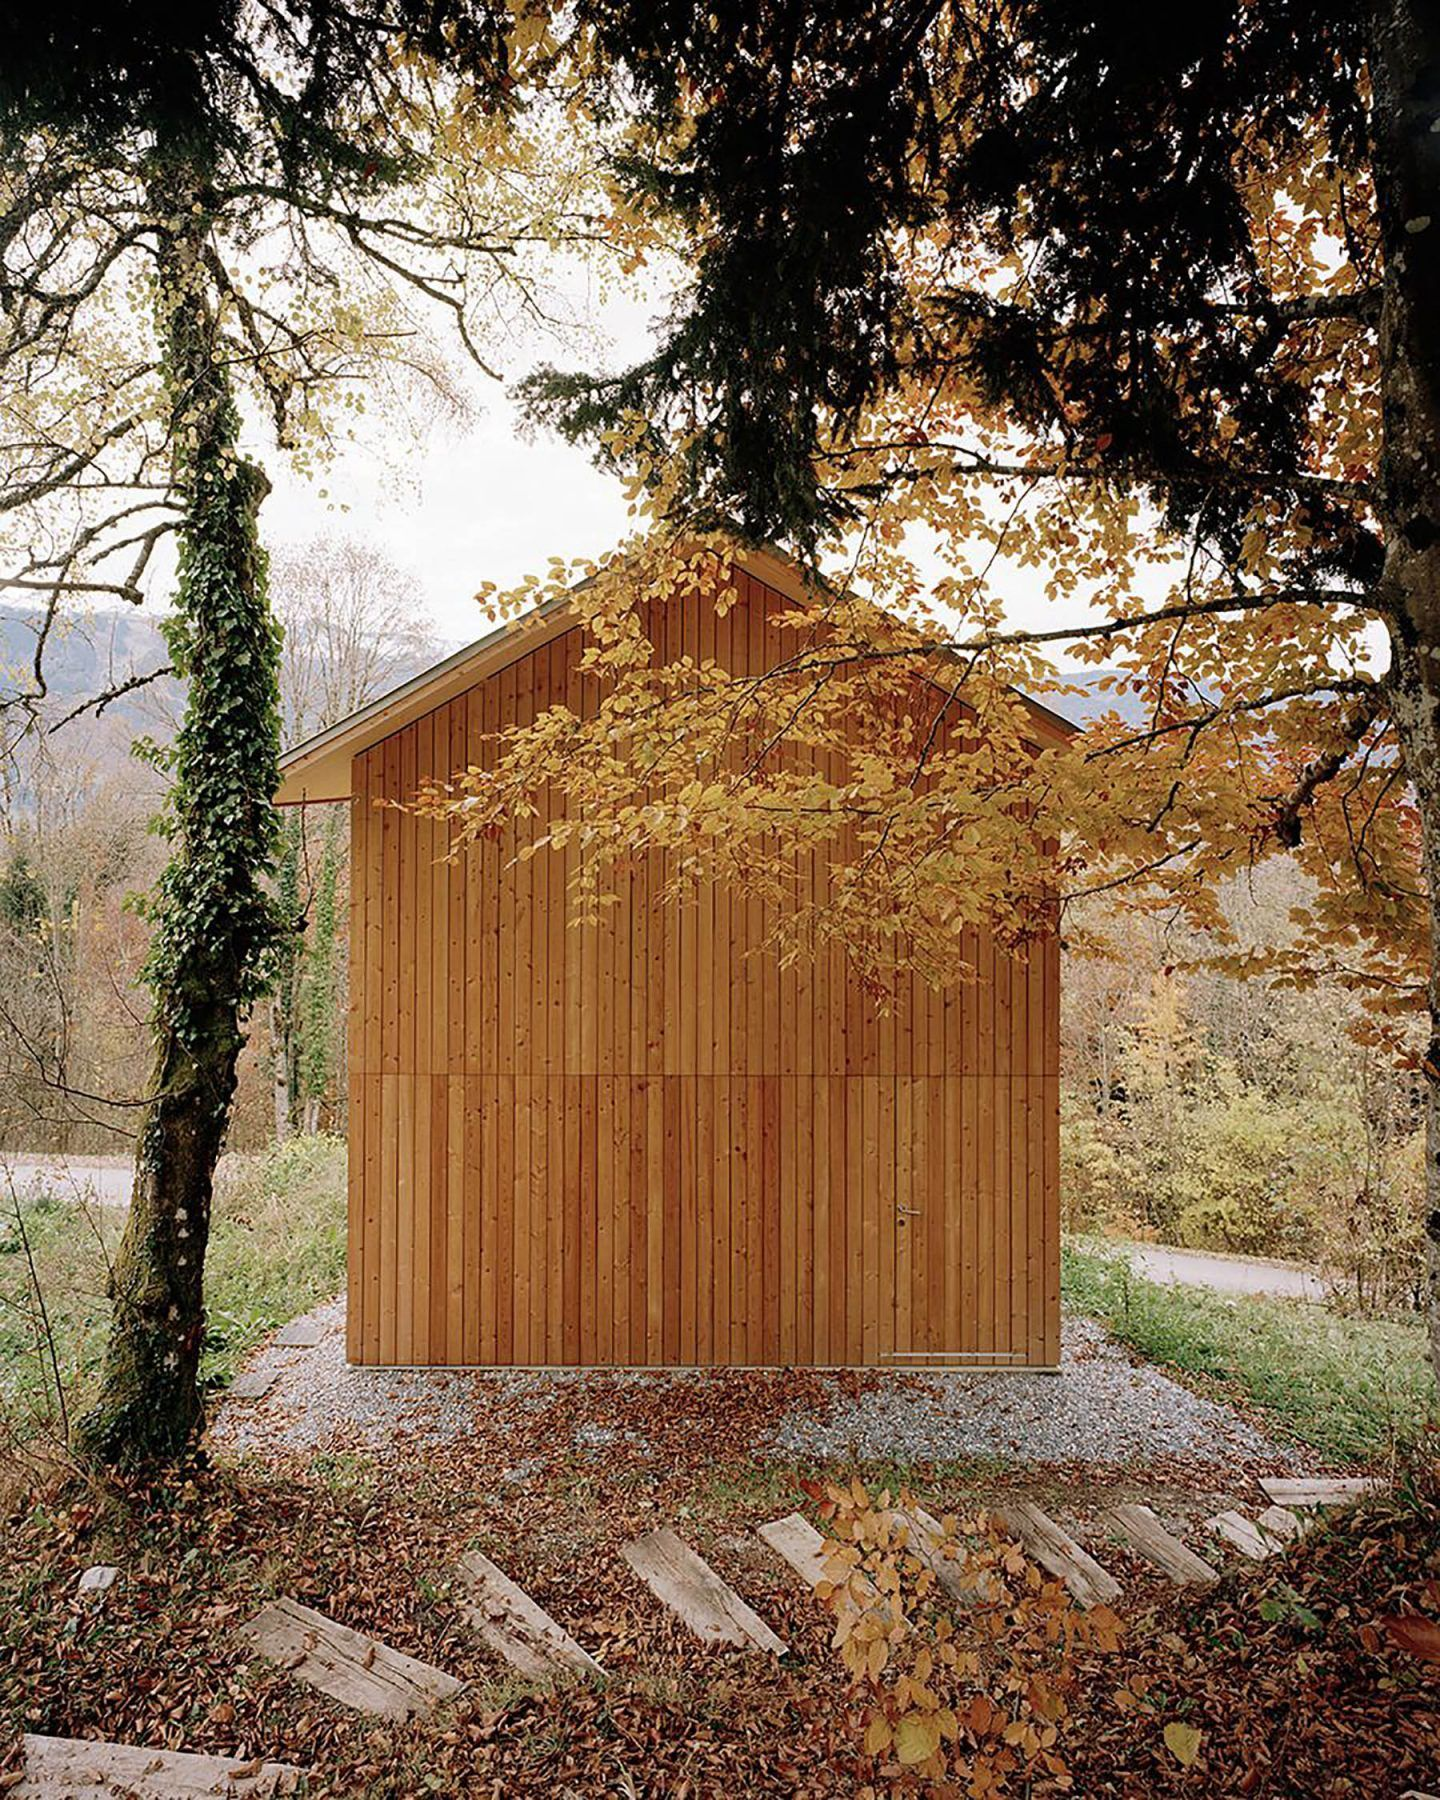 IGNANT-Architecture-Joachim-Fritschy-Frit01-6